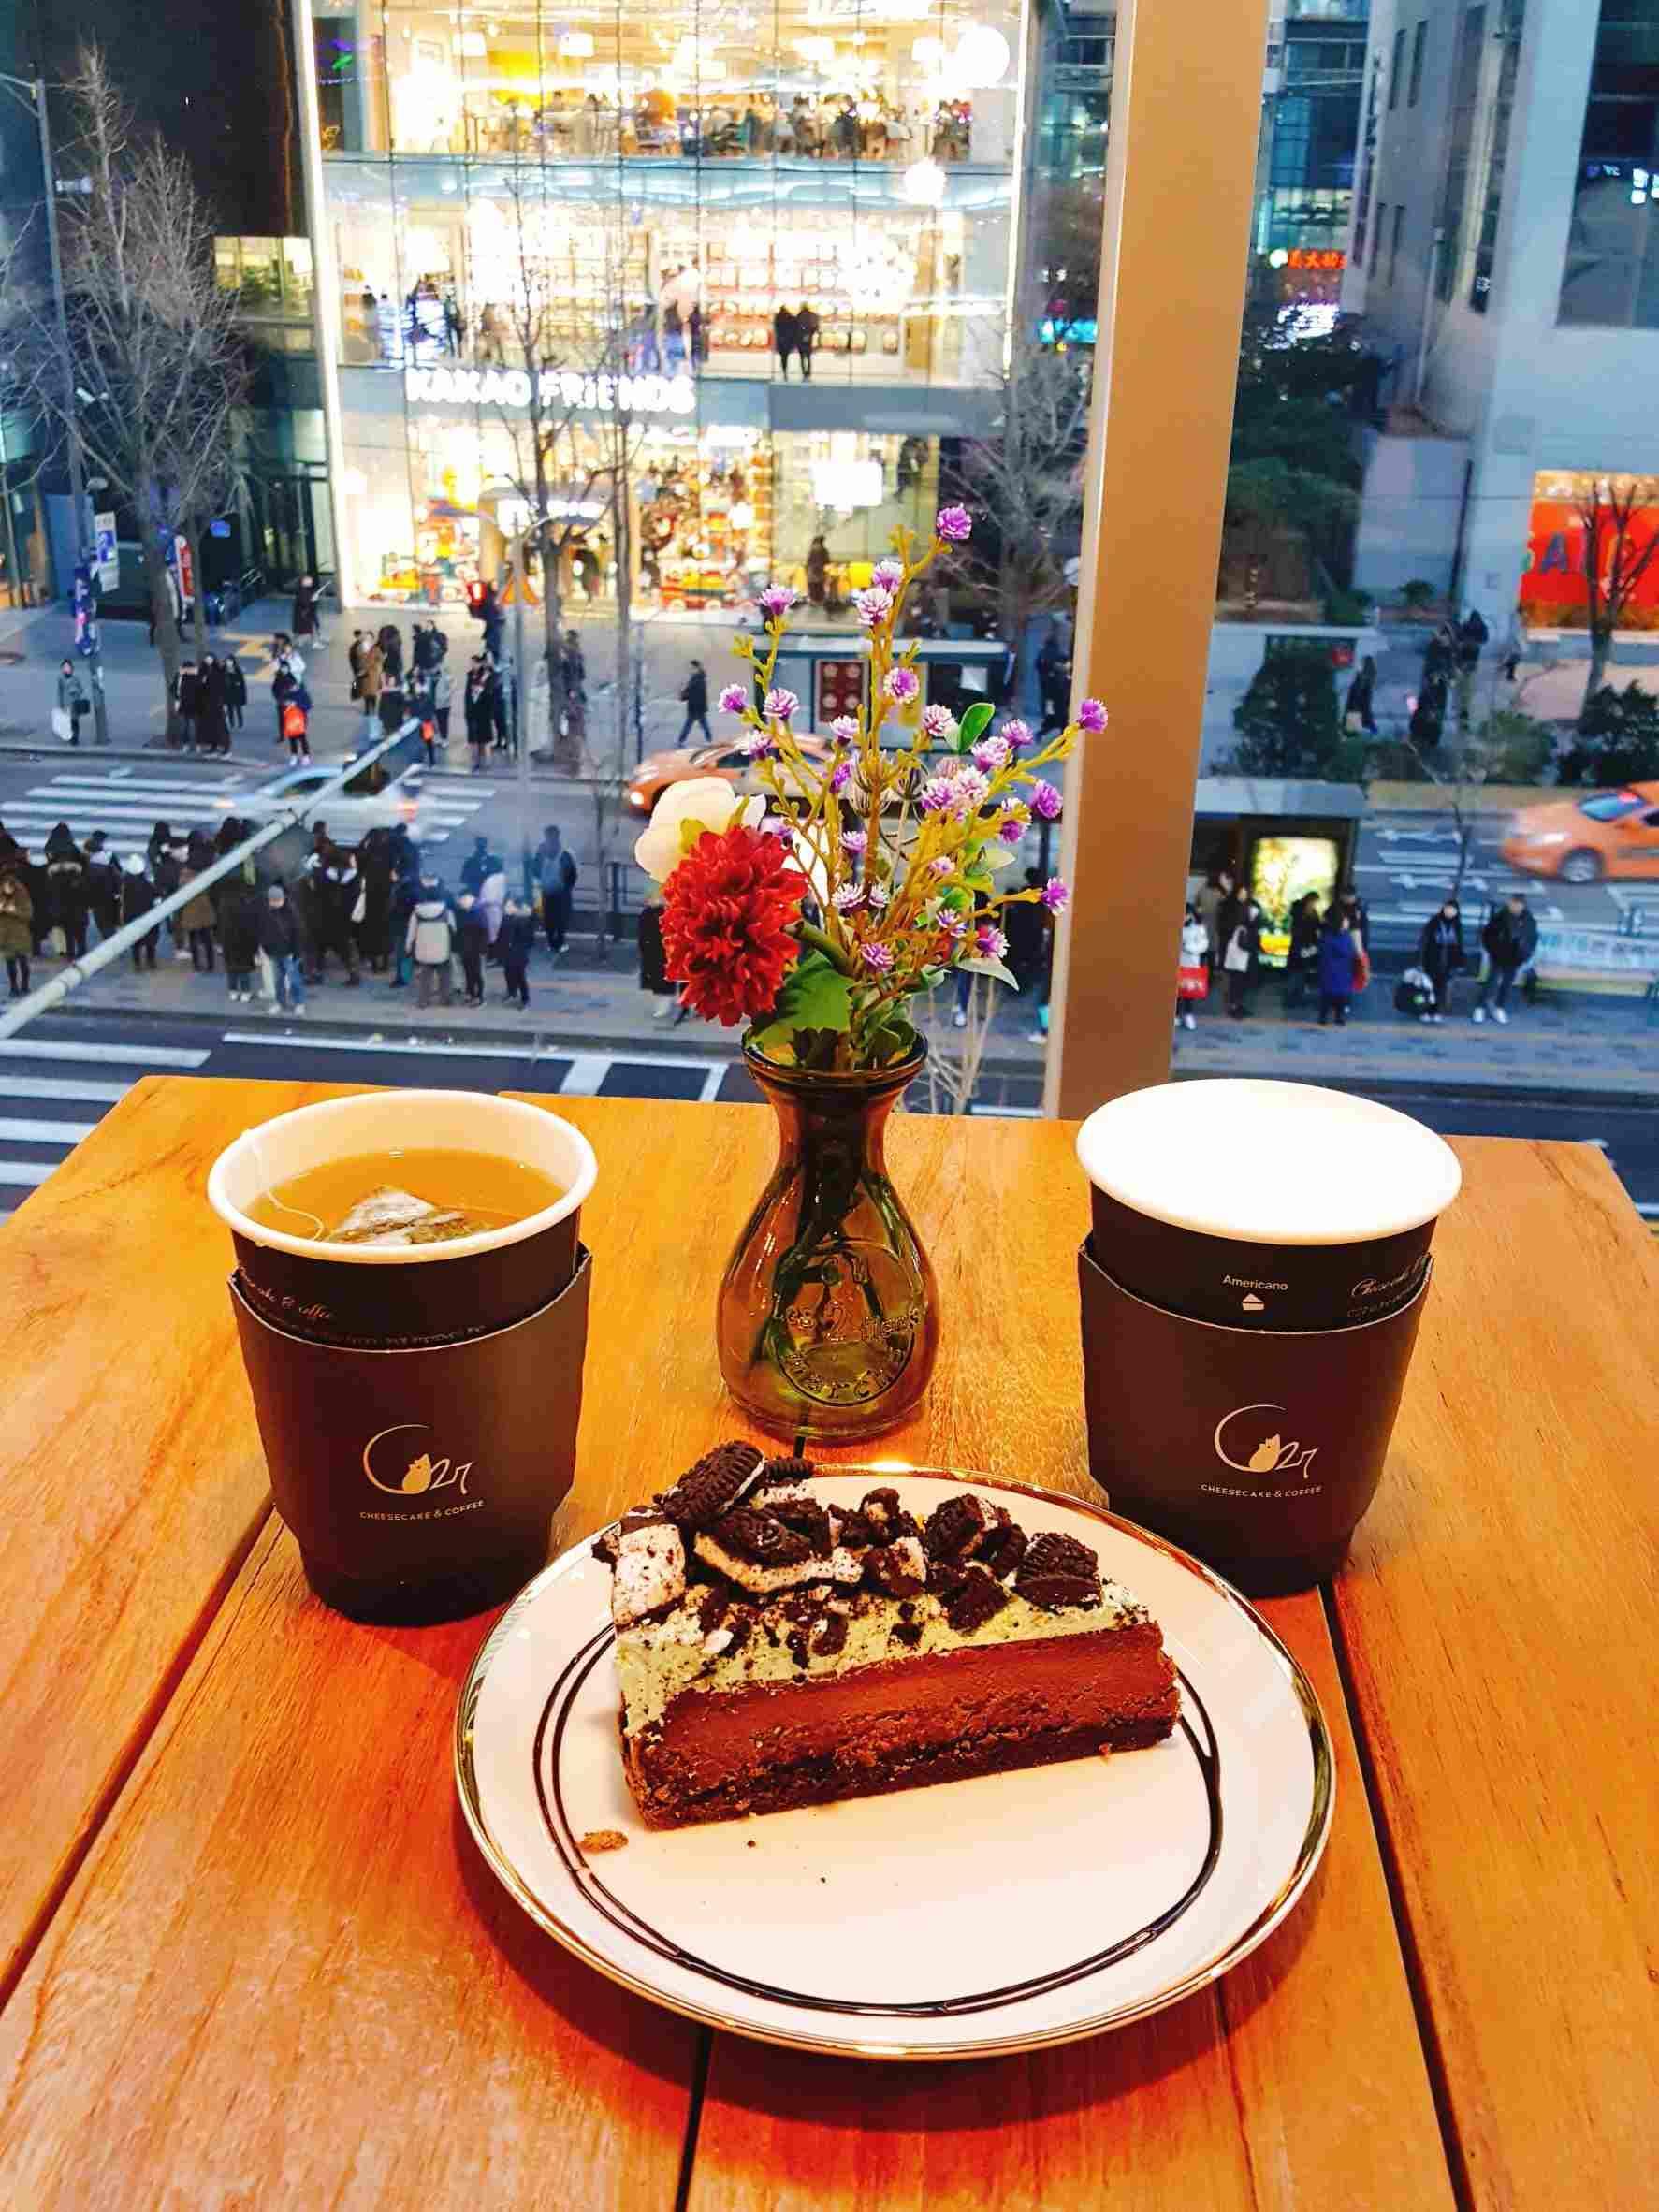 小編最後選擇了薄荷巧克力起司蛋糕,甜而不膩,配上薄荷涼爽的口感,讓人一口接一口,飲料呢~小編就點了熱檸檬茶,酸酸又甜甜的滋味,真是剛剛好。坐在窗邊,欣賞來來去去的人潮,假日愜意的午後就這麼過去。